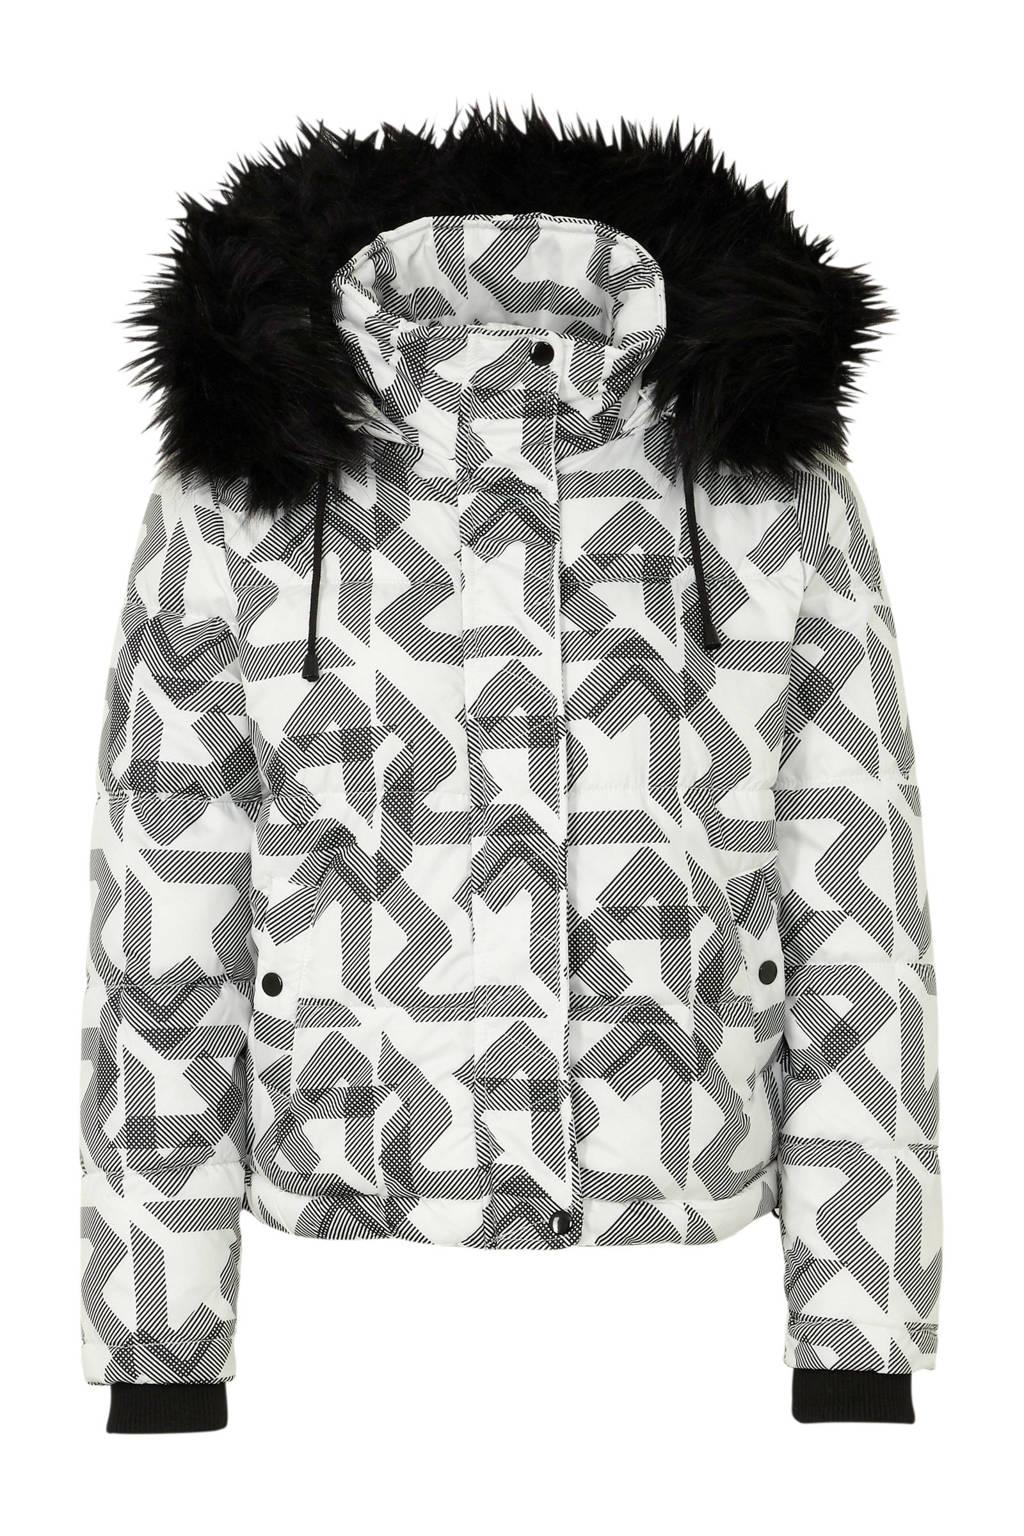 C&A Clockhouse gewatteerde winterjas met all over print wit/zwart, Wit/zwart